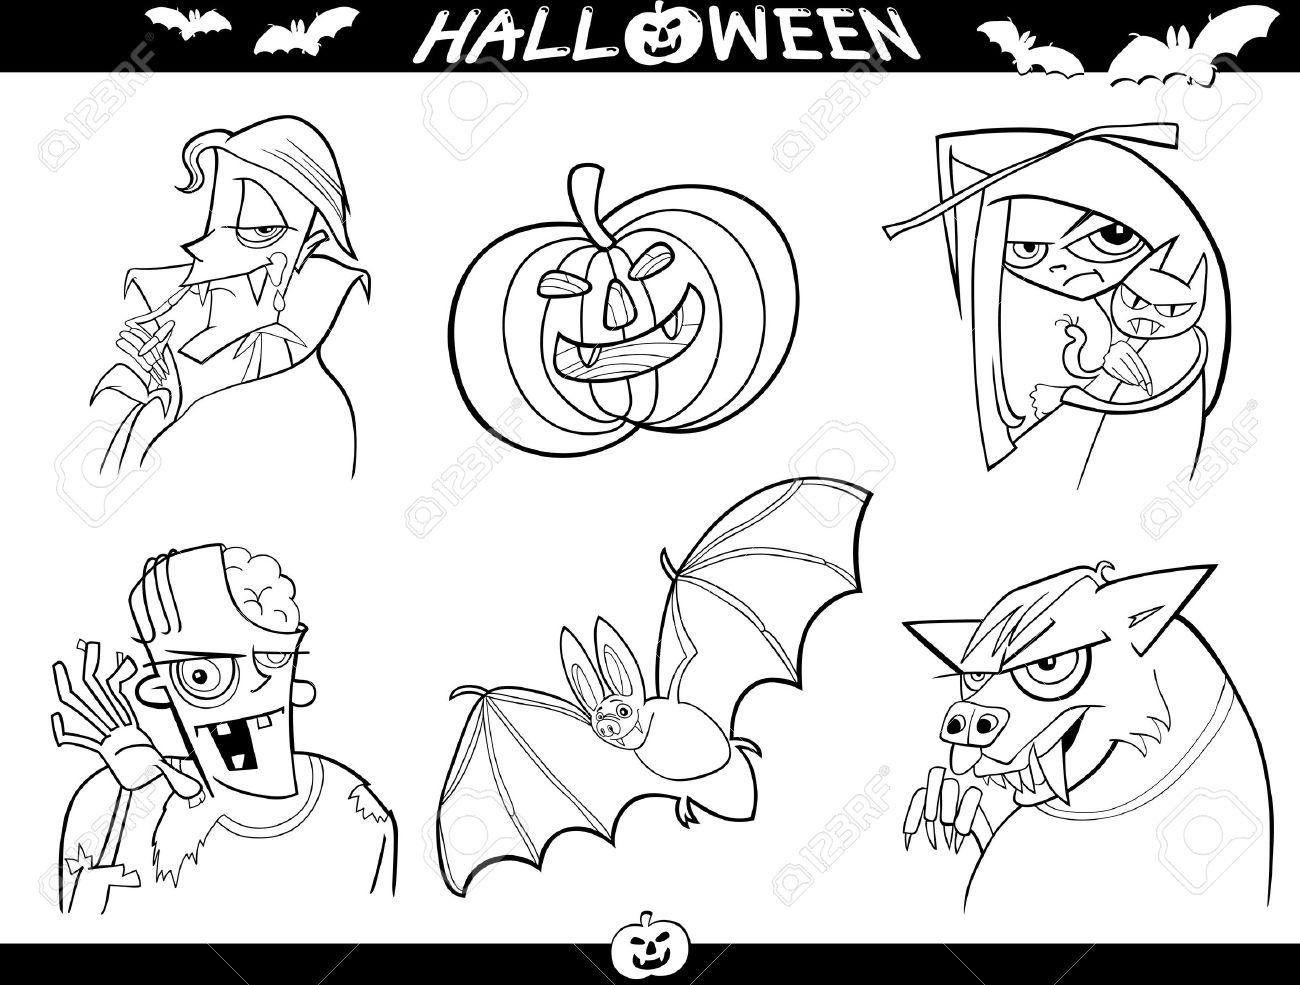 Foto de archivo , Ilustración de dibujos animados de Halloween Themes, vampiro, zombi, bruja, hombre lobo, la calabaza y set Bat divertido para colorear